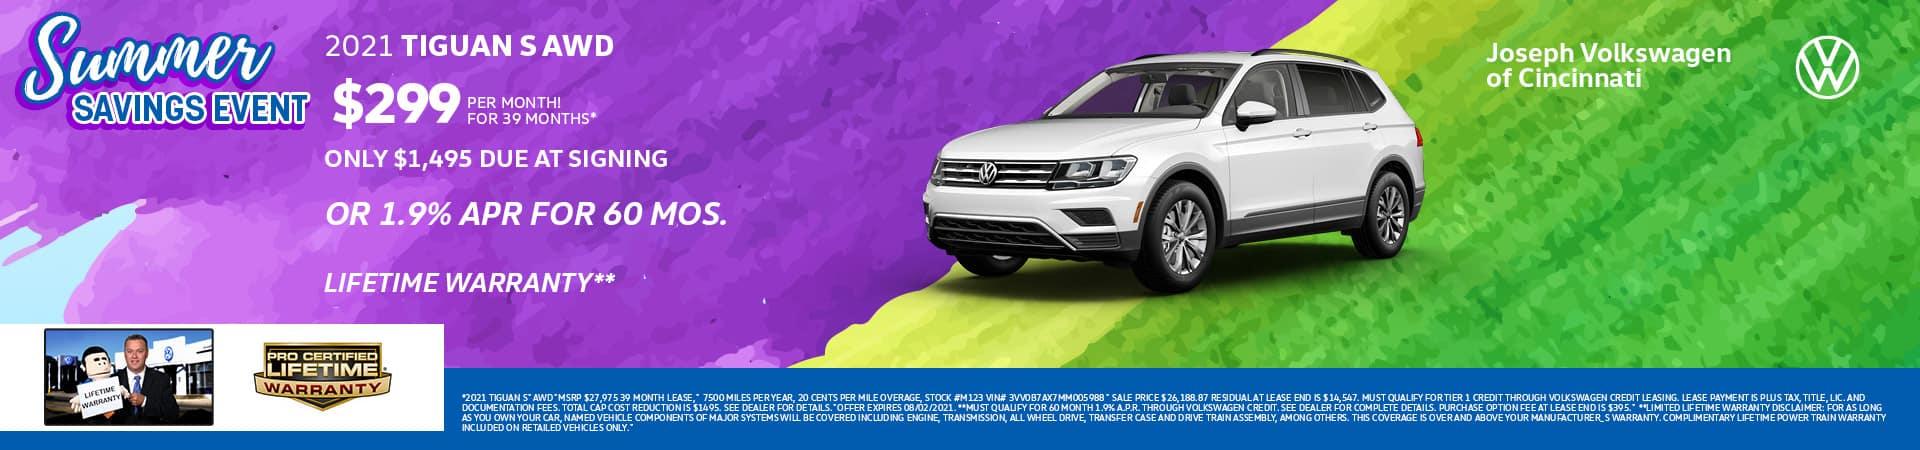 2021 Volkswagen Tiguan | Joseph VW | Cincinnati, OH